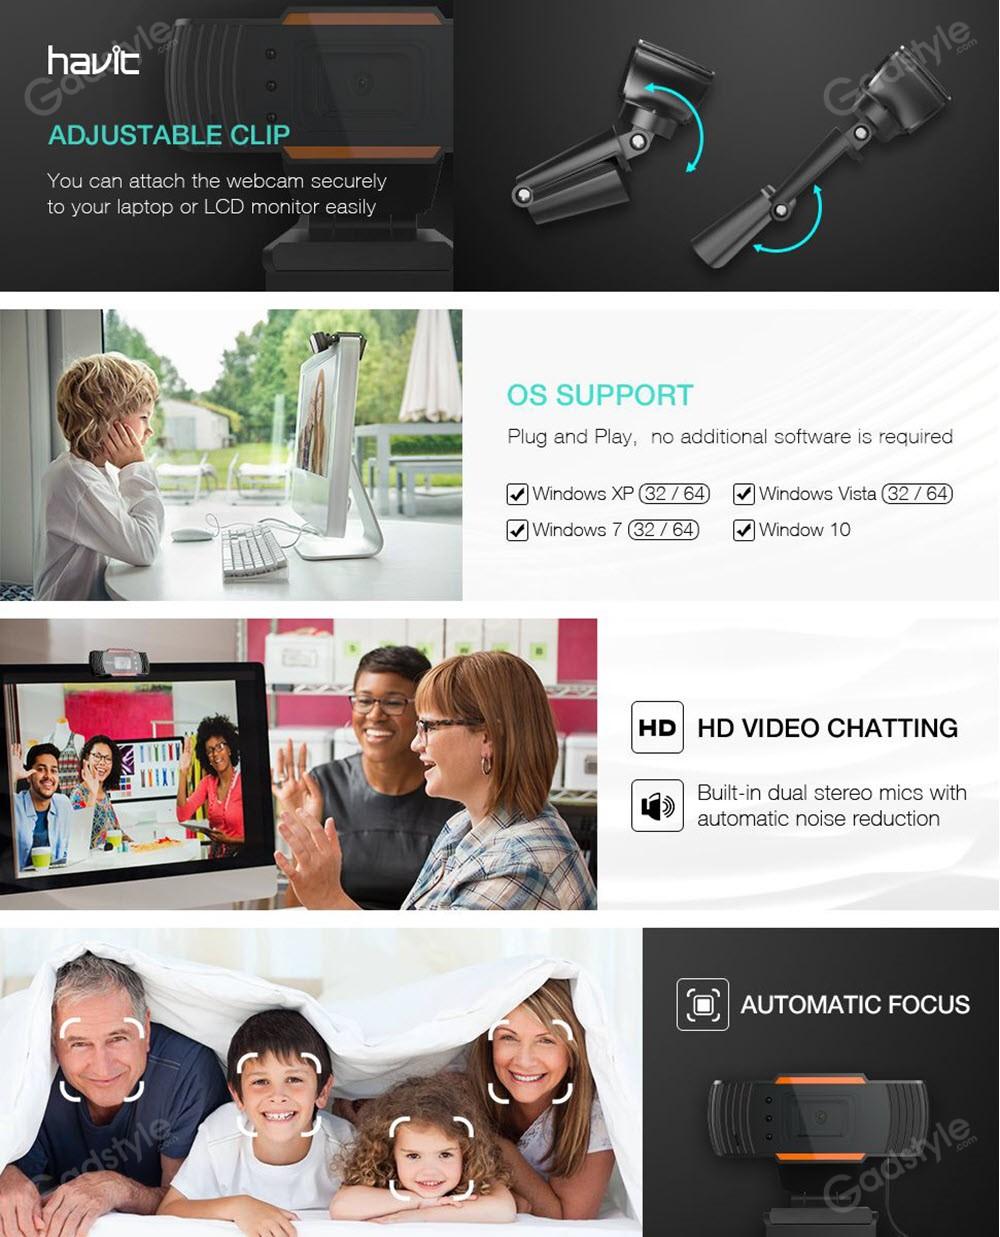 Havit Hv N5086 Camera And Webcam For Laptops Desktop And Pc (1)